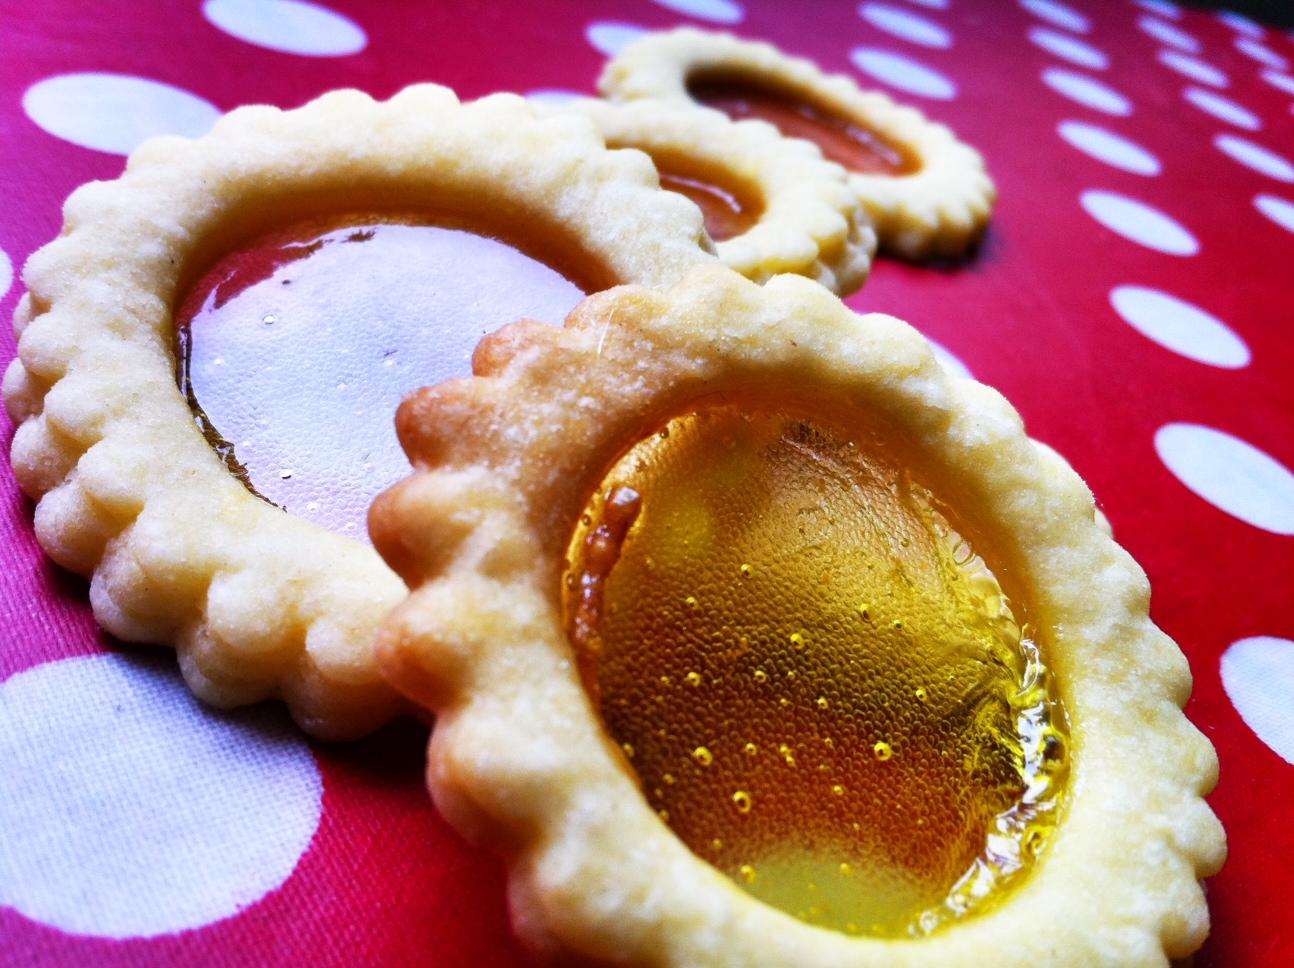 pâte sablée bonbons concassés